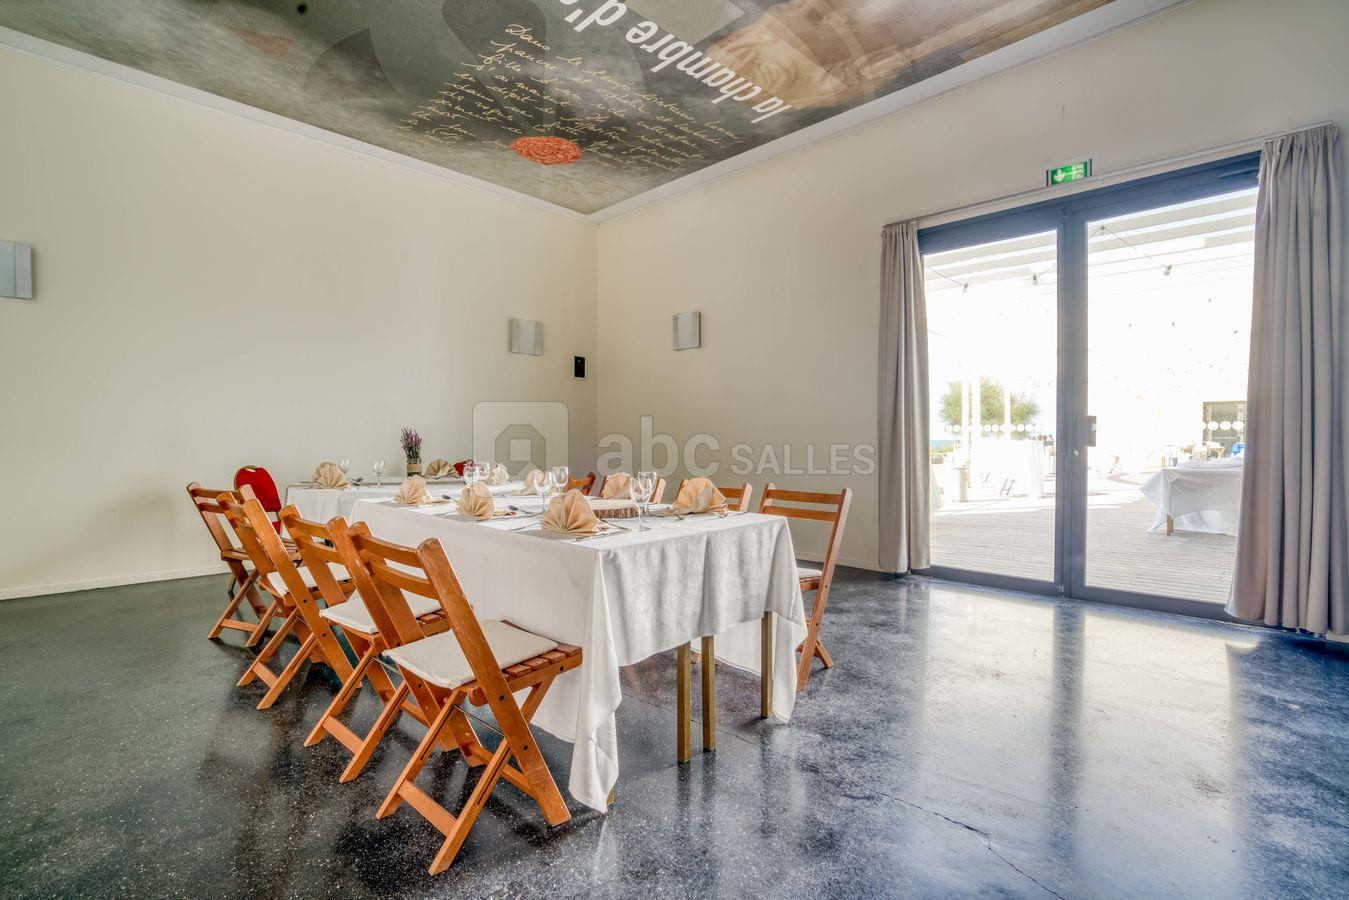 Espace de l 39 oc an de la chambre d 39 amour abc salles - Restaurants anglet chambre d amour ...